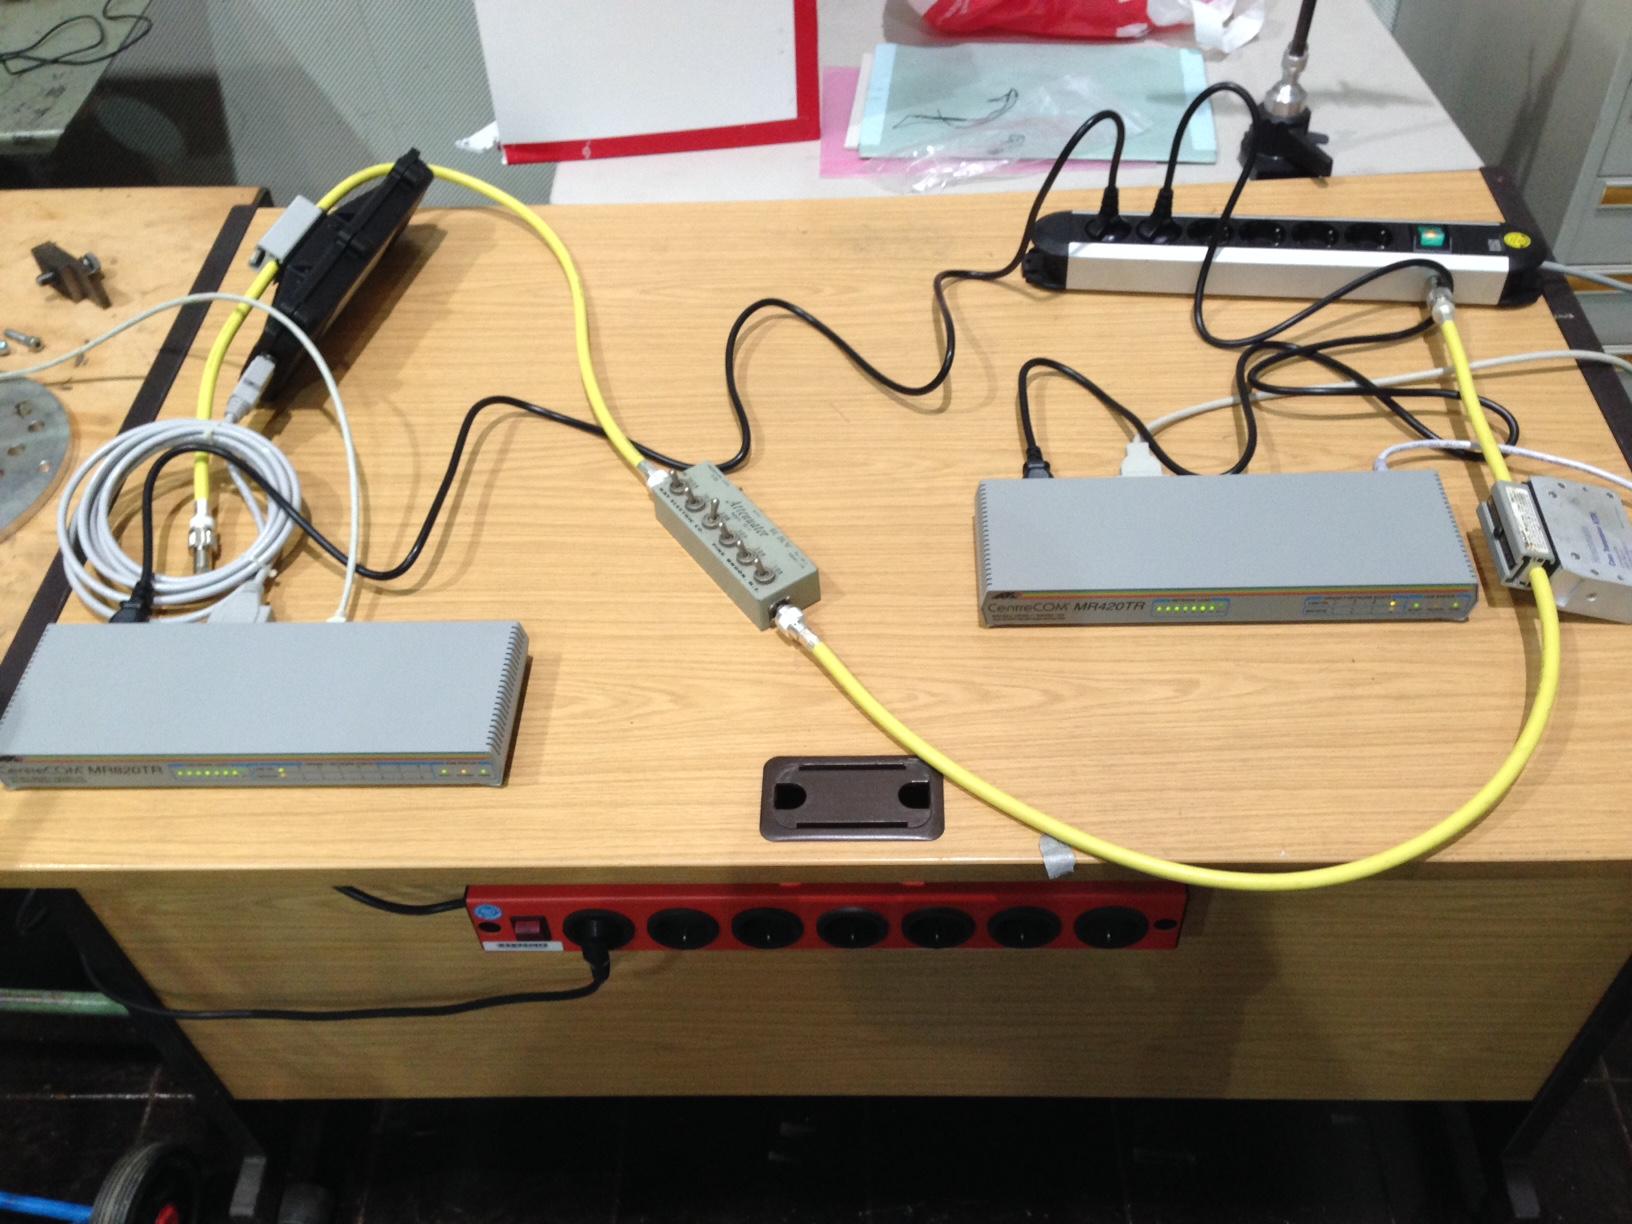 Testaufbau eines 10Base5 Netzwerksegments